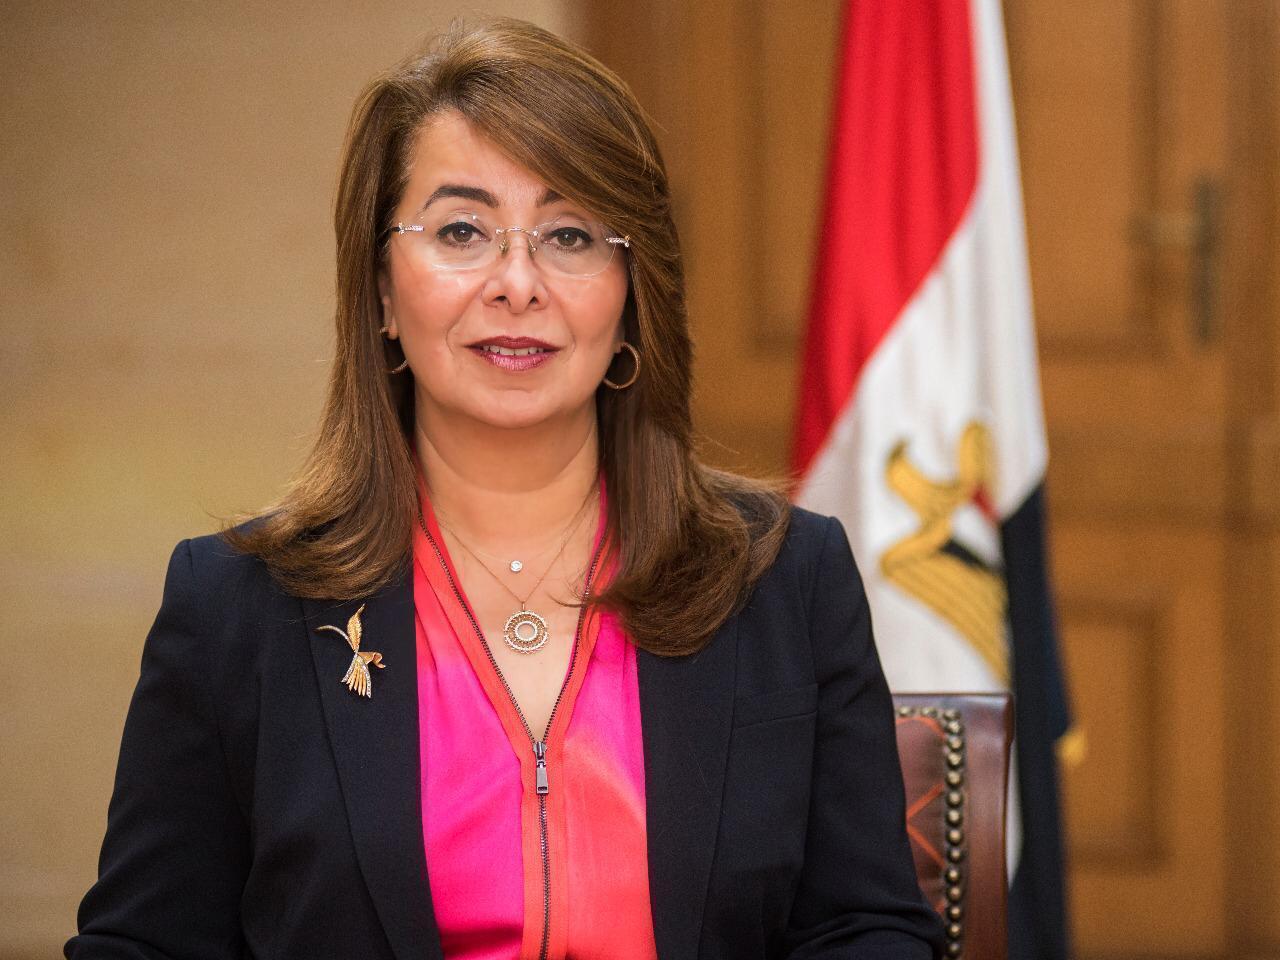 وزيرة التضامن الاجتماعي تشهد القرعة الإلكترونية لاختيار حجاج الجمعيات الاثنين المقبل